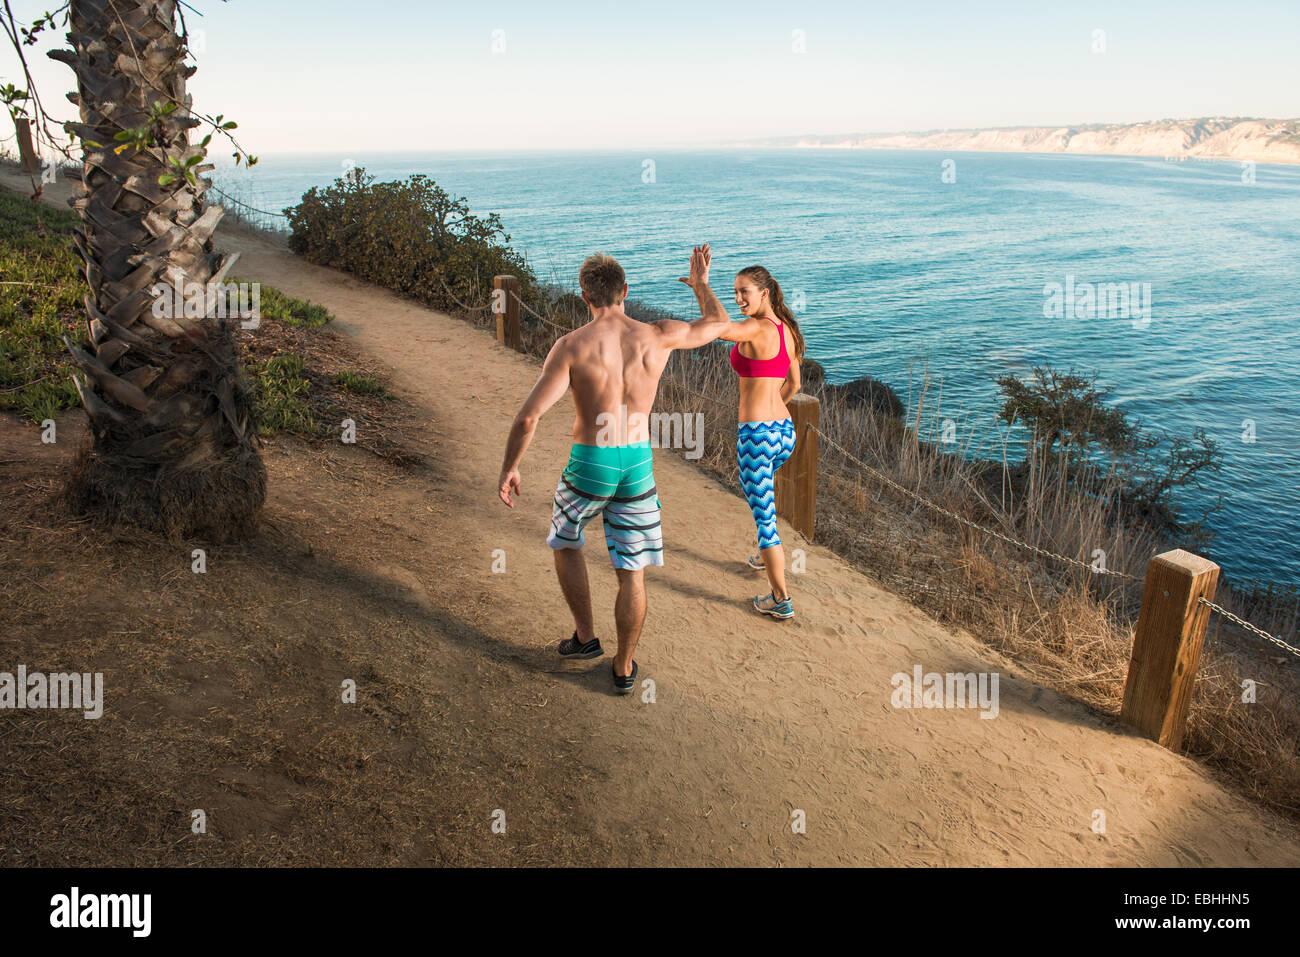 Mitte erwachsenen Mann und junge Frau geben hohe fünf auf Weg vom Meer Stockbild